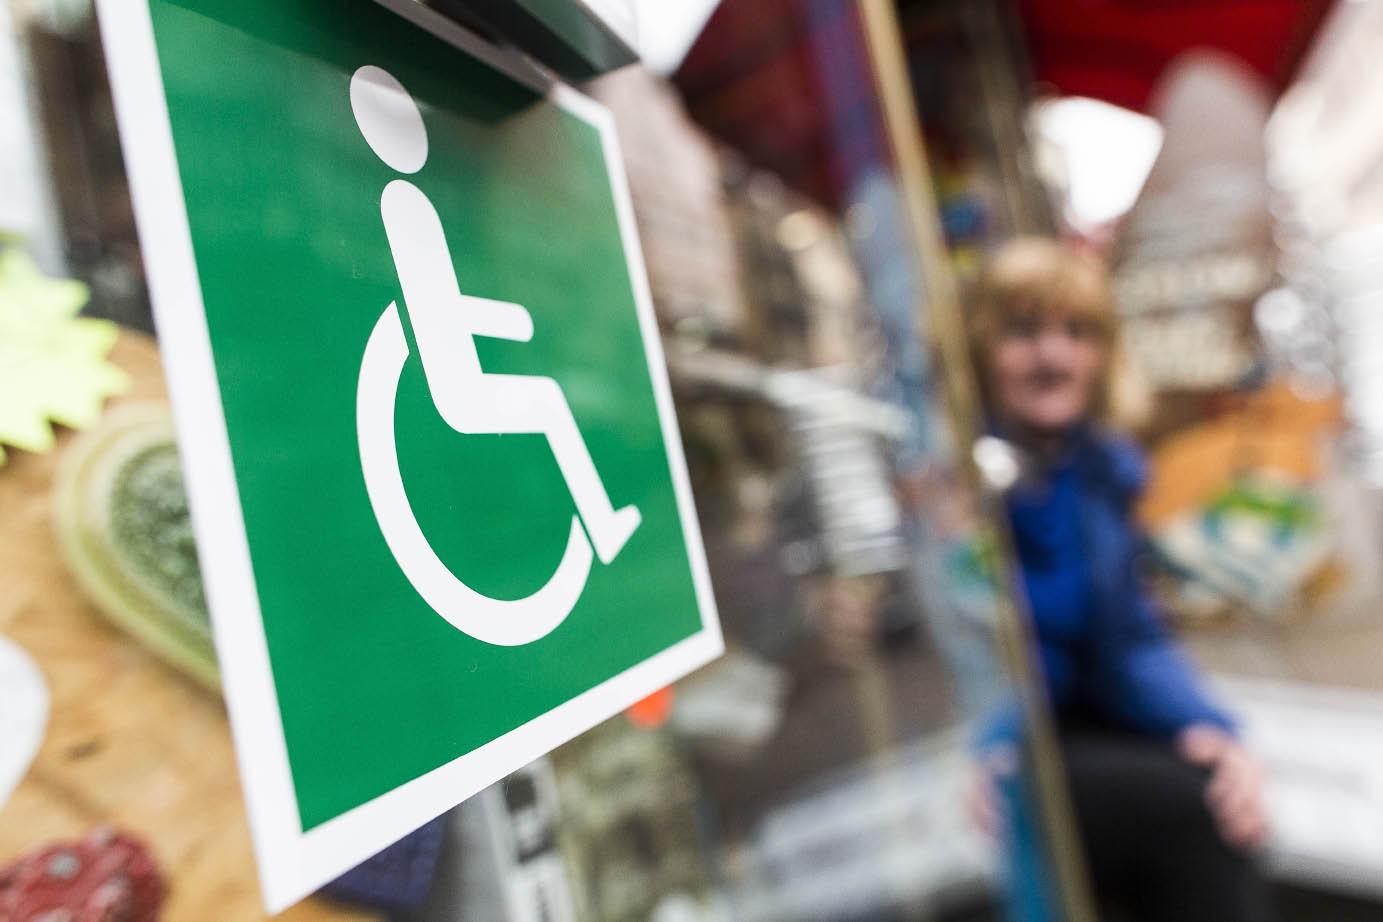 accessibilit trois commer antes aux normes handicap s t moignent. Black Bedroom Furniture Sets. Home Design Ideas